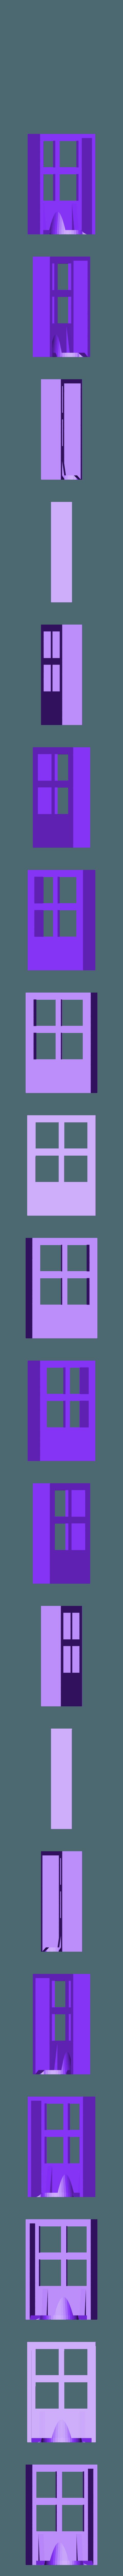 Karten-Halterung_Die_Siedler.stl Télécharger fichier STL gratuit Porte-cartes à jouer pour The Settlers of Catan • Plan imprimable en 3D, dede67